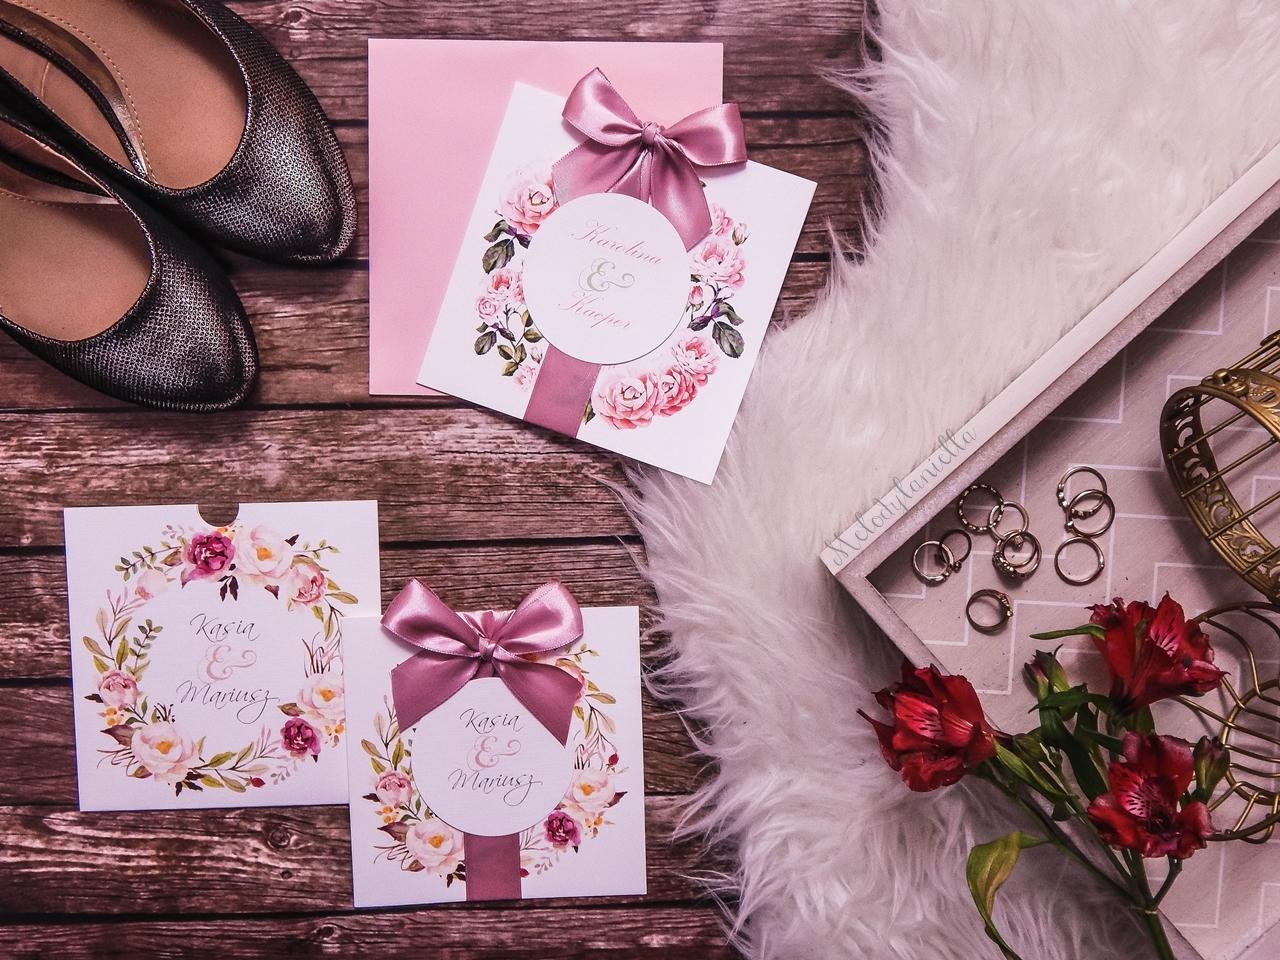 3 jak zrobić zaproszenia ślubne jak wypisać zaproszenia ślubne